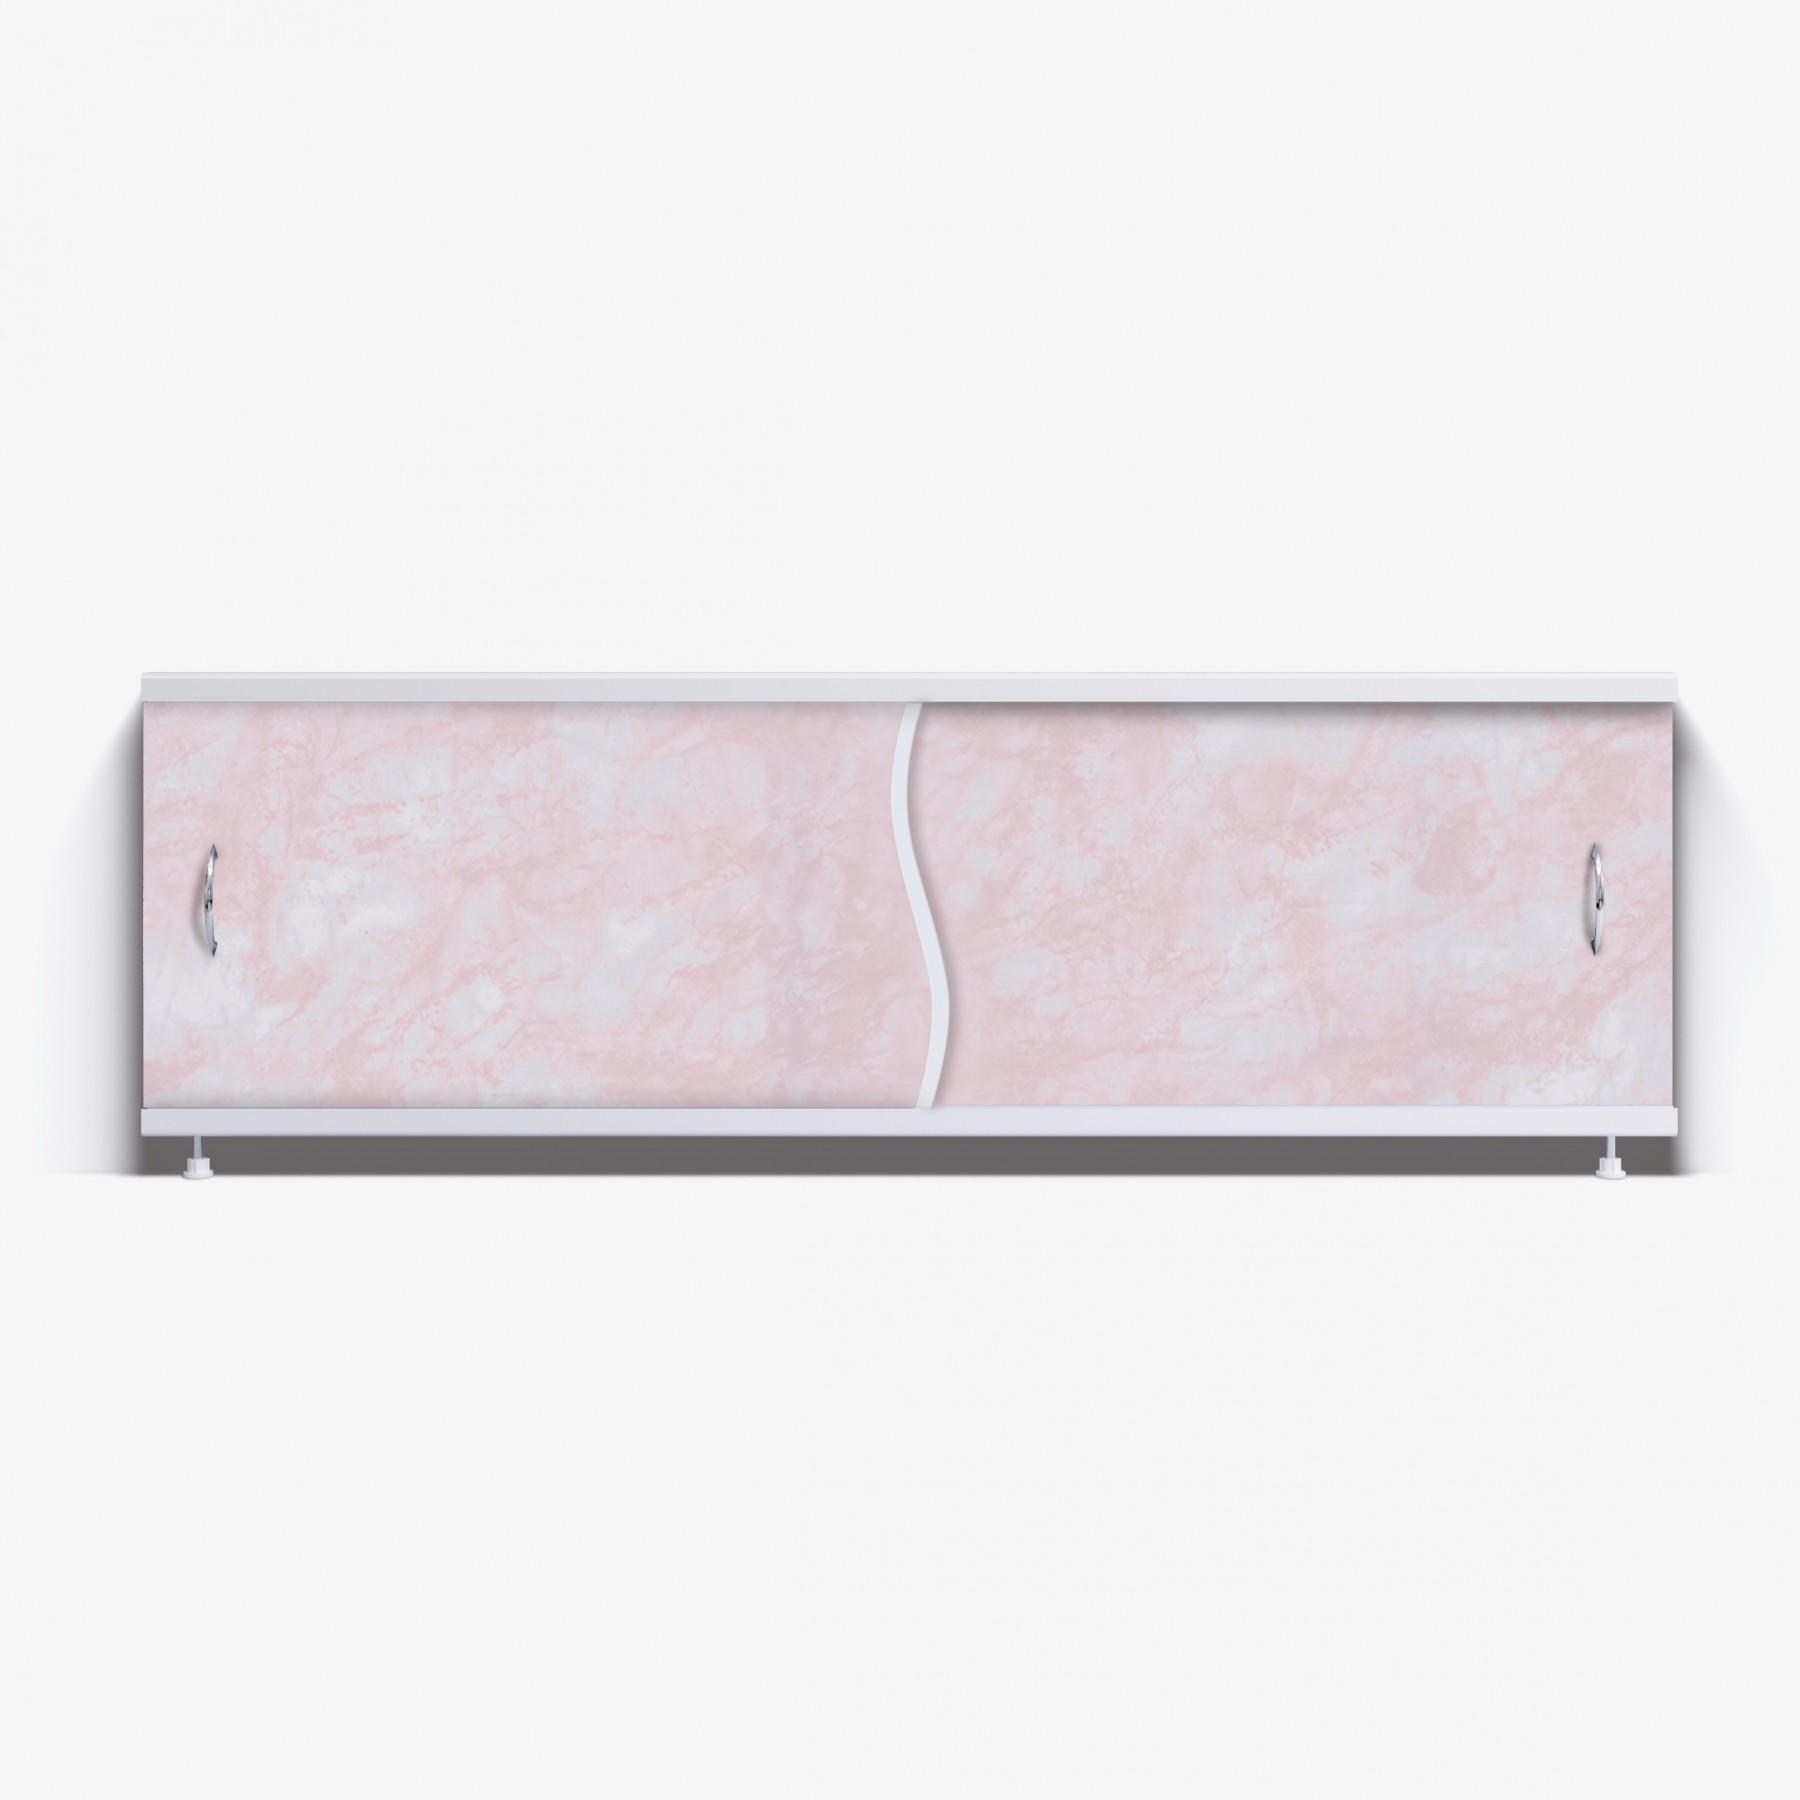 Экран под ванну Премьер 150  розовый глянец